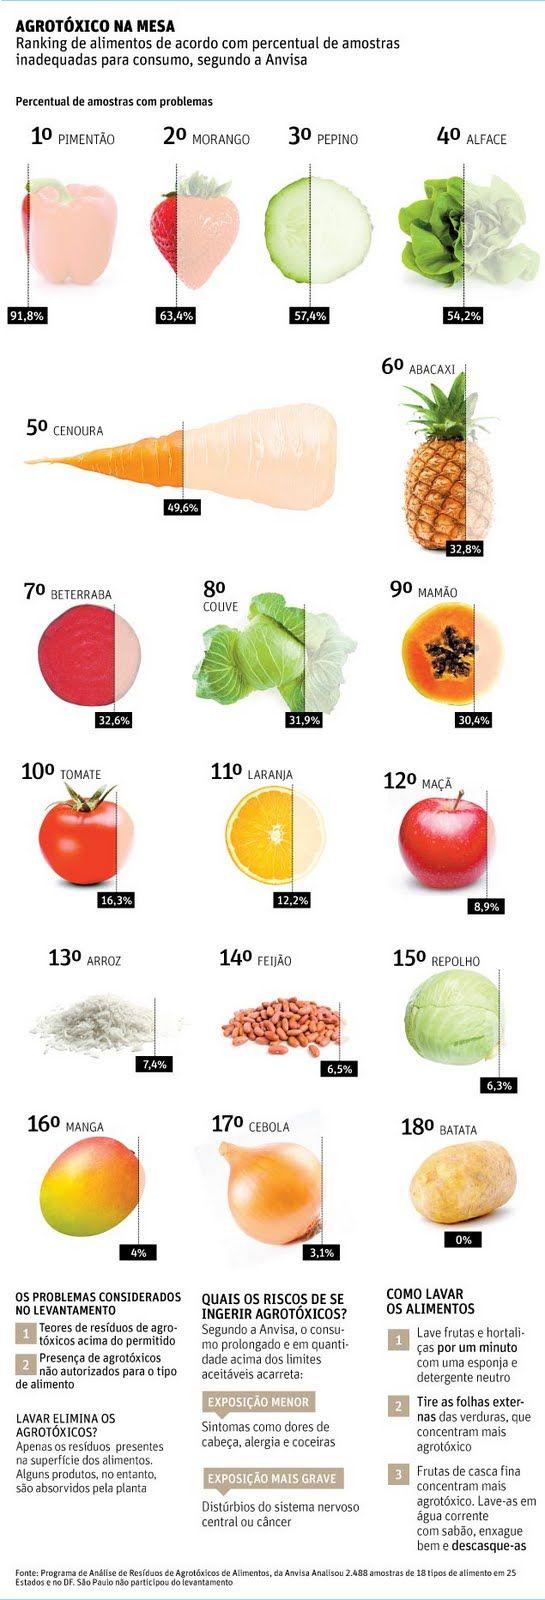 Lista da ANVISA dos alimentos com maior nível de contaminação   Cupeid